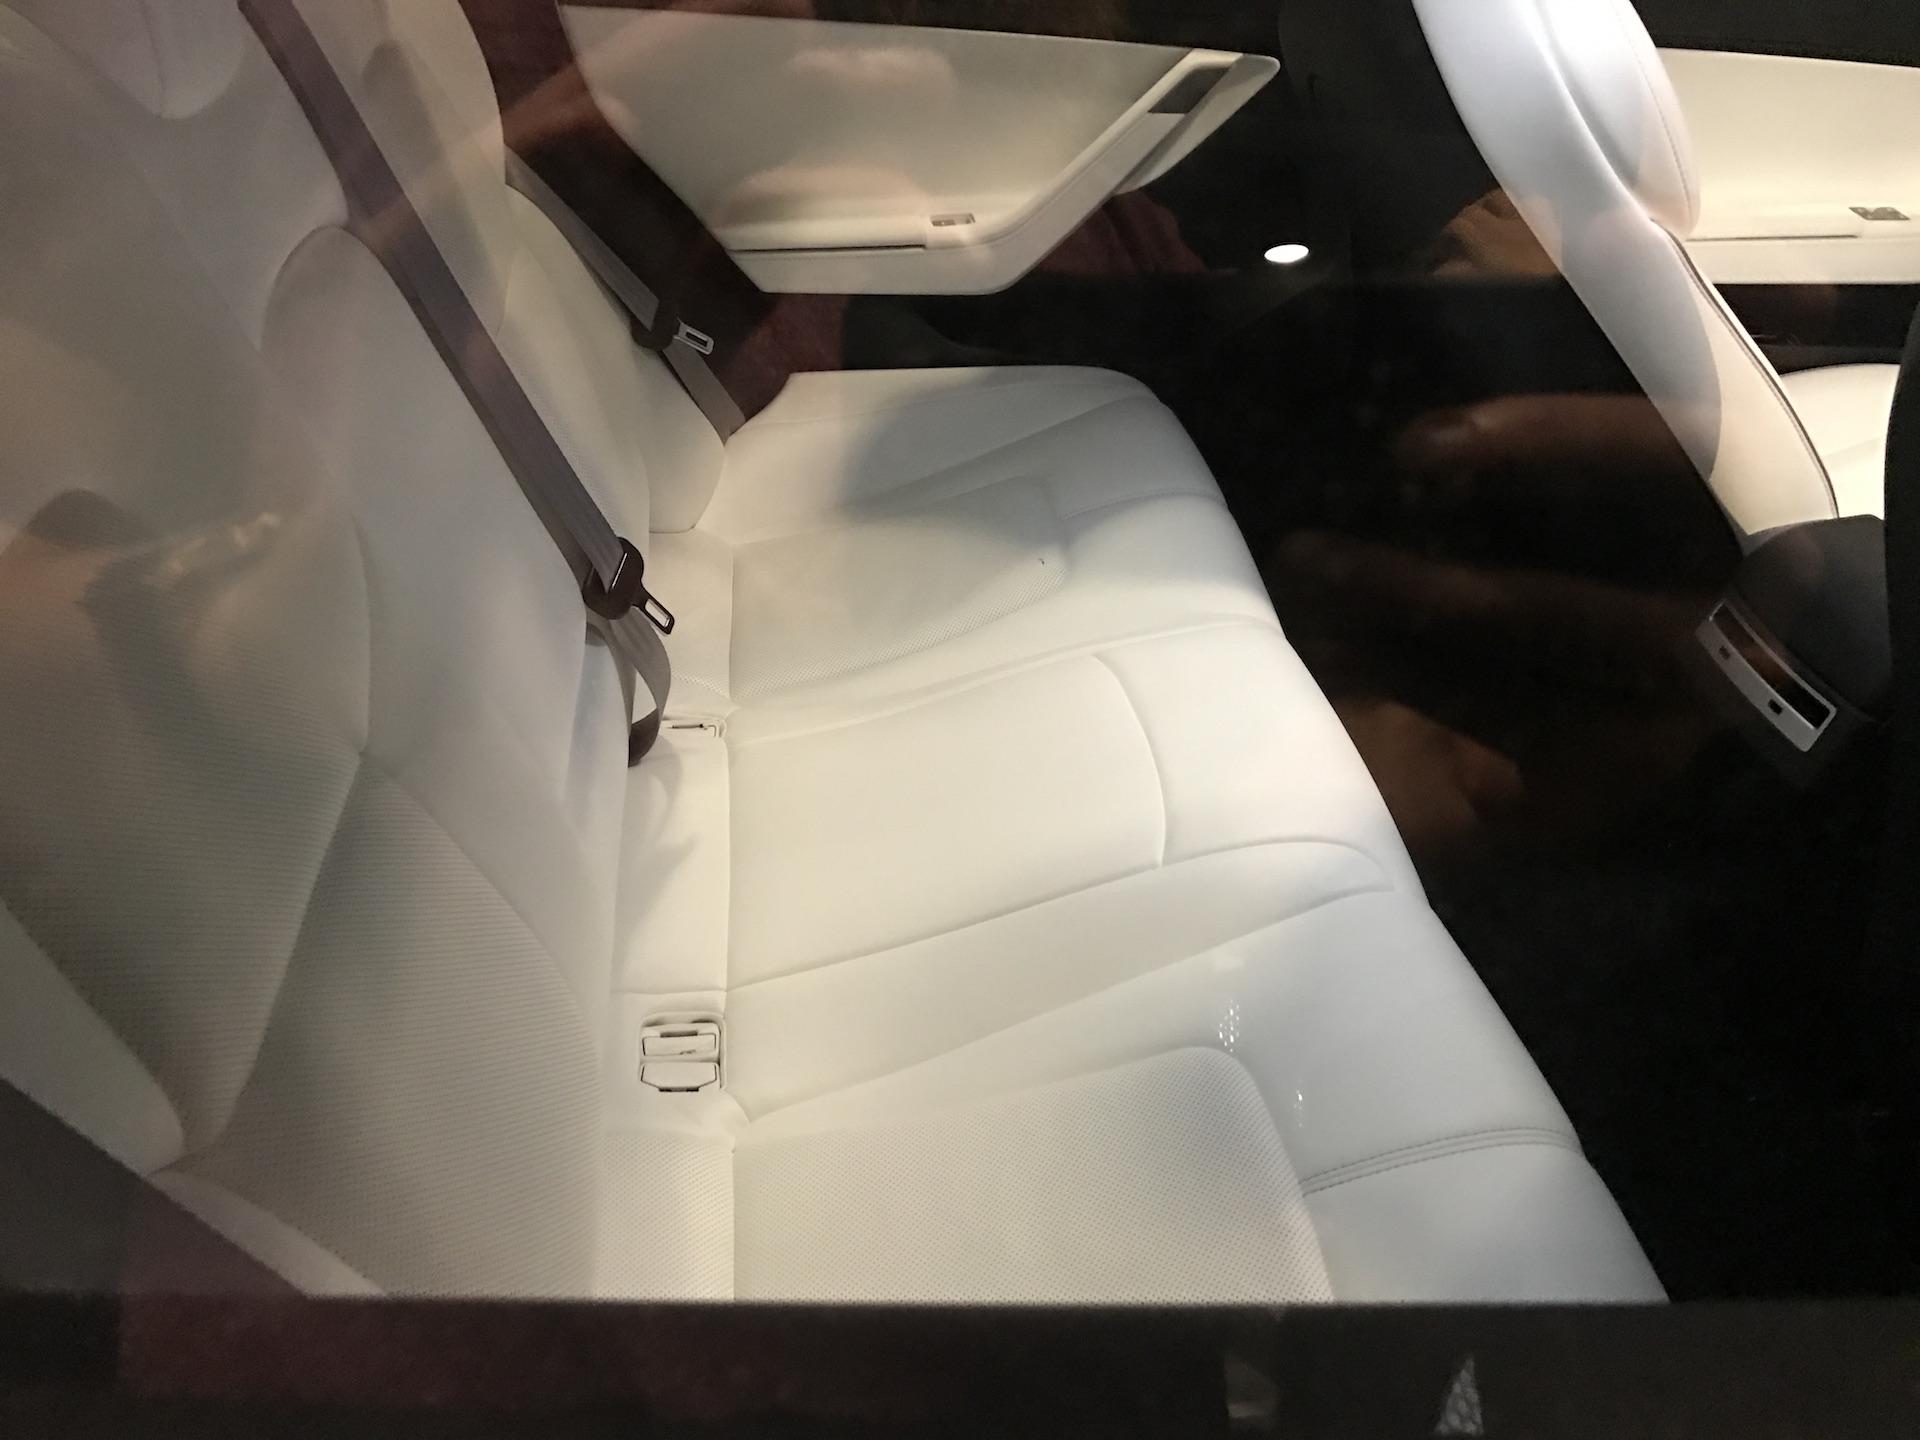 silver-tesla-model-3-rear-seat-employee-party